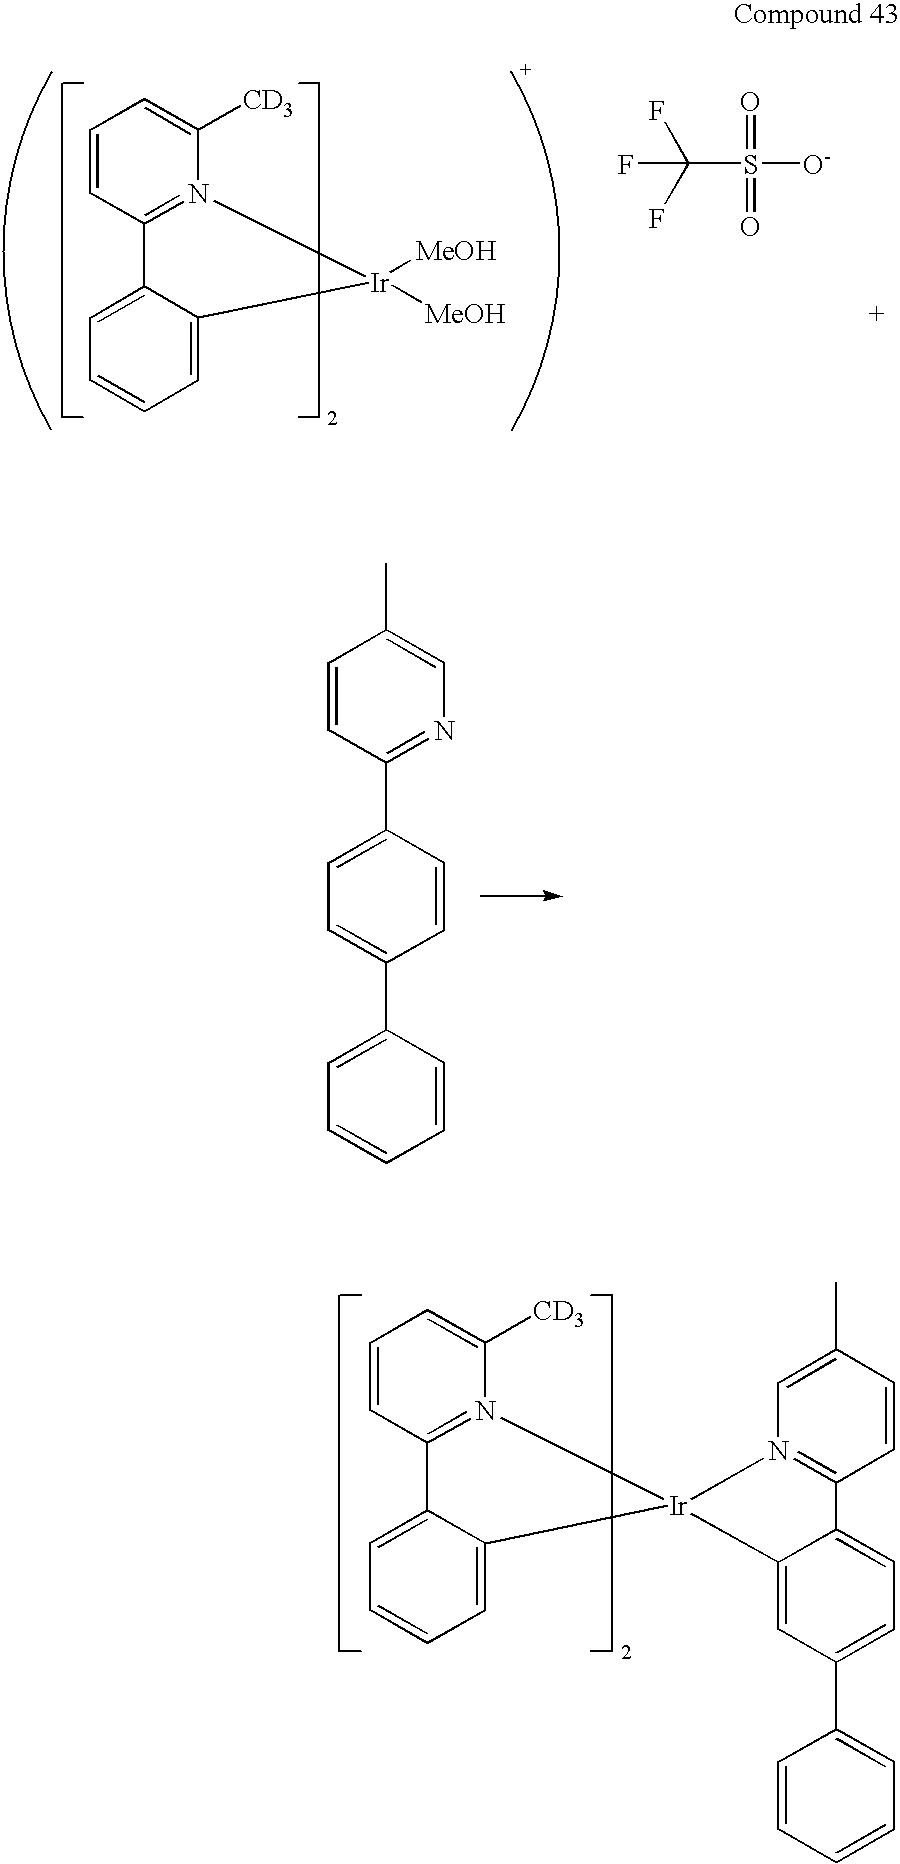 Figure US20100270916A1-20101028-C00149